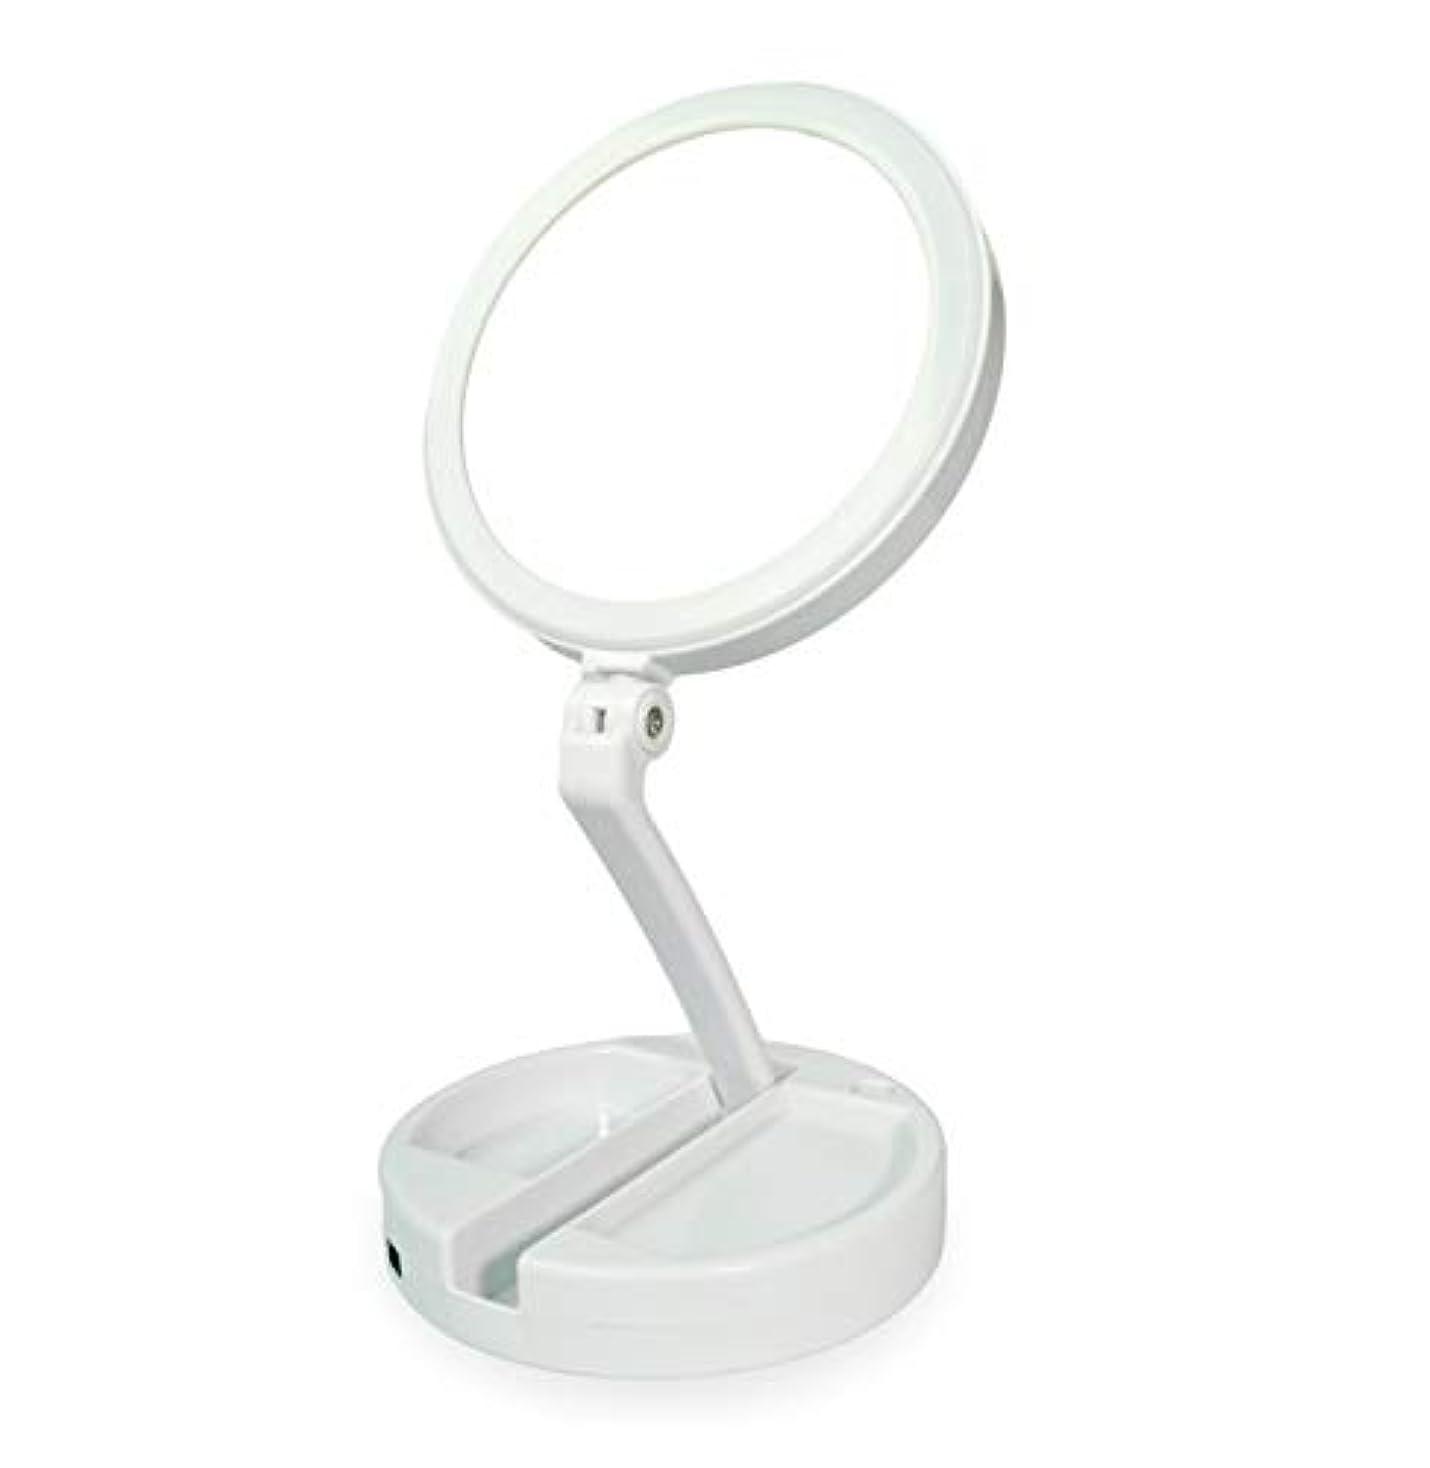 アメリカしてはいけませんオプショナル化粧鏡 拡大鏡 化粧 等倍と10倍拡大鏡 ledライト付き 無段階調光 折りたたみ式 360°回転 高さ調整可 収納しやすい 化粧用鏡 卓上鏡